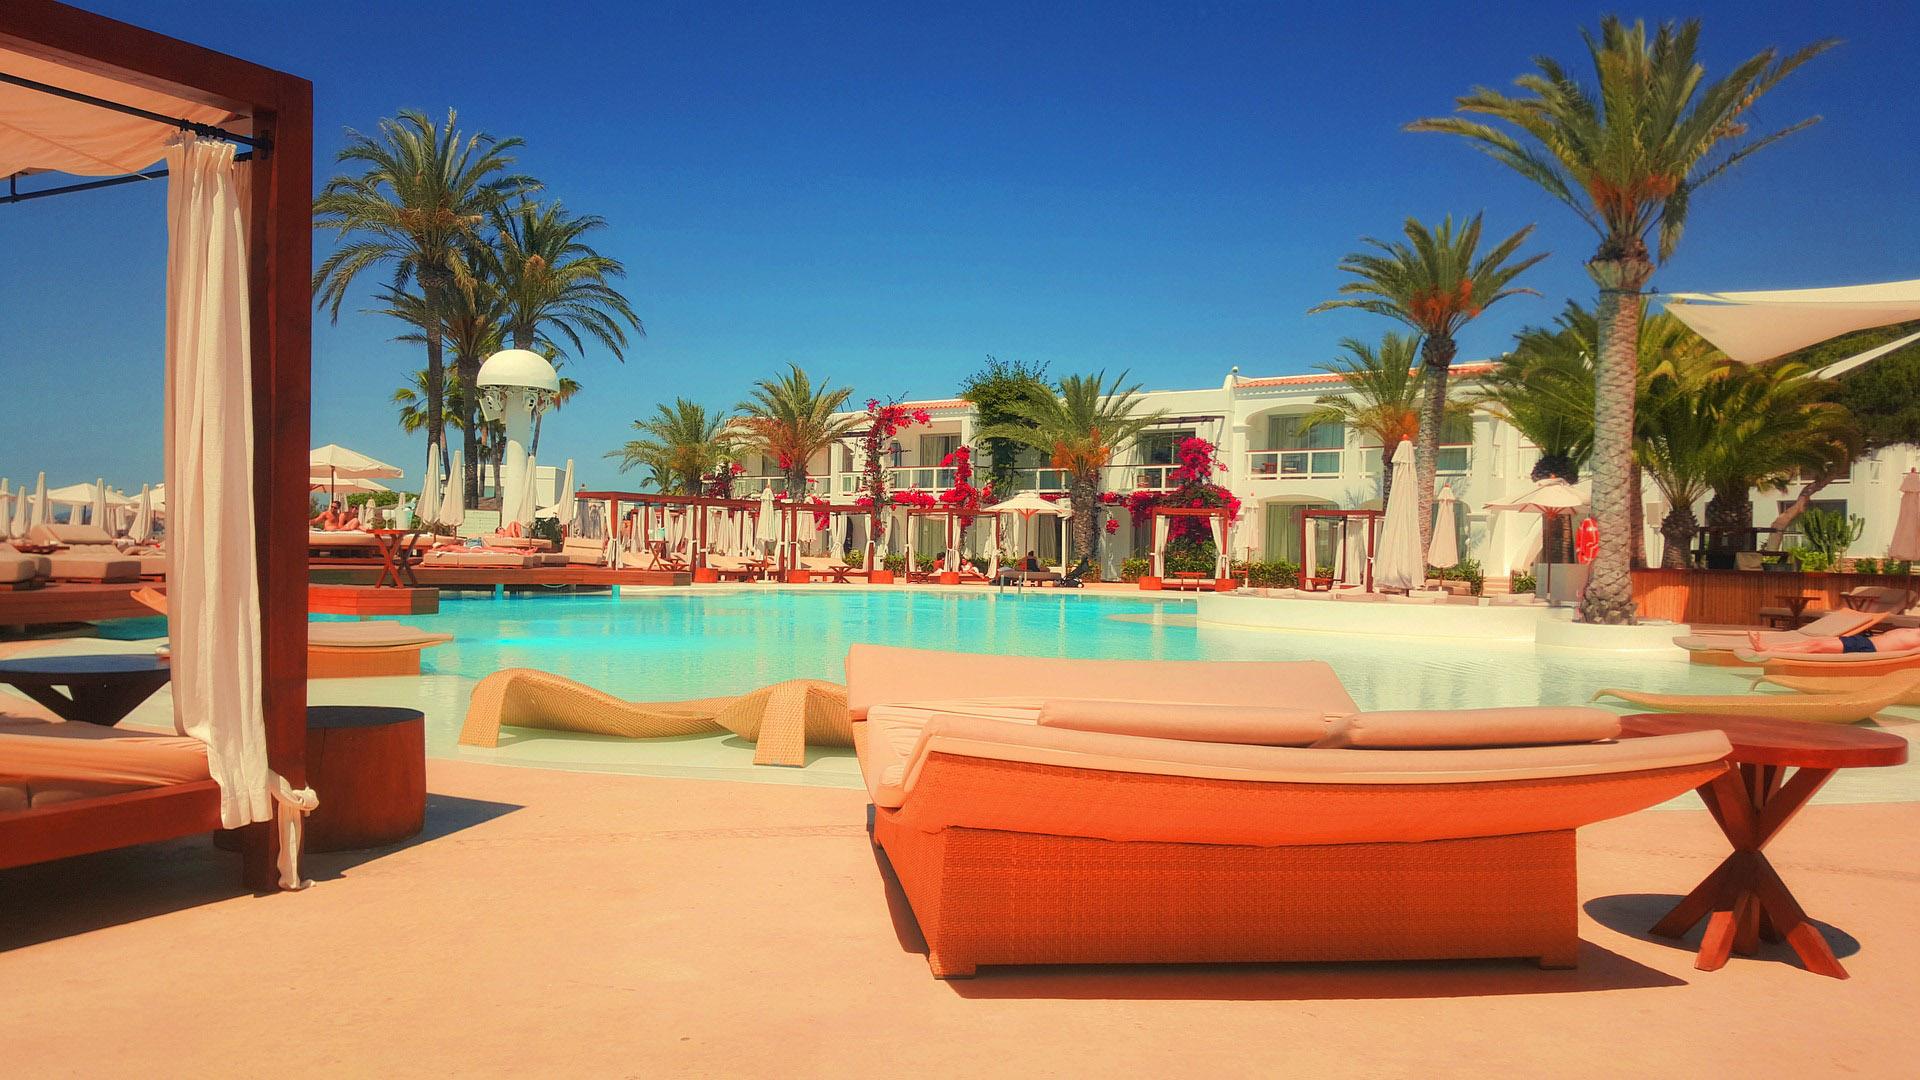 Programação diversificada, comida e bebida a vontade e todo conforto e segurança. O que mais pode ser querer de férias em família? O resort tem tudo que você precisa.